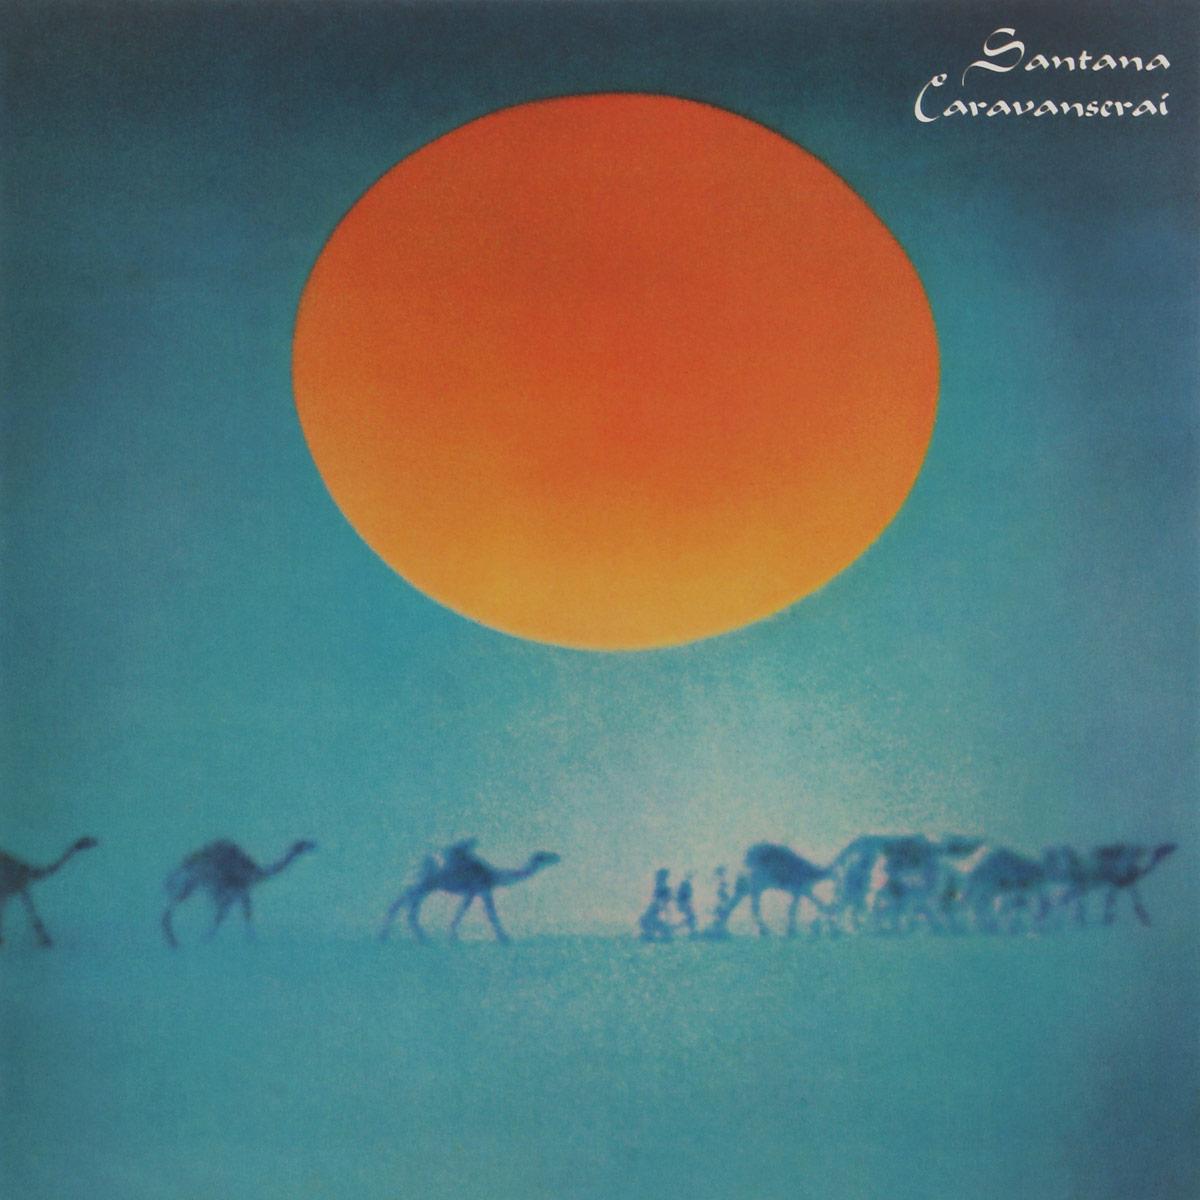 Santana Santana. Caravanserai (LP)